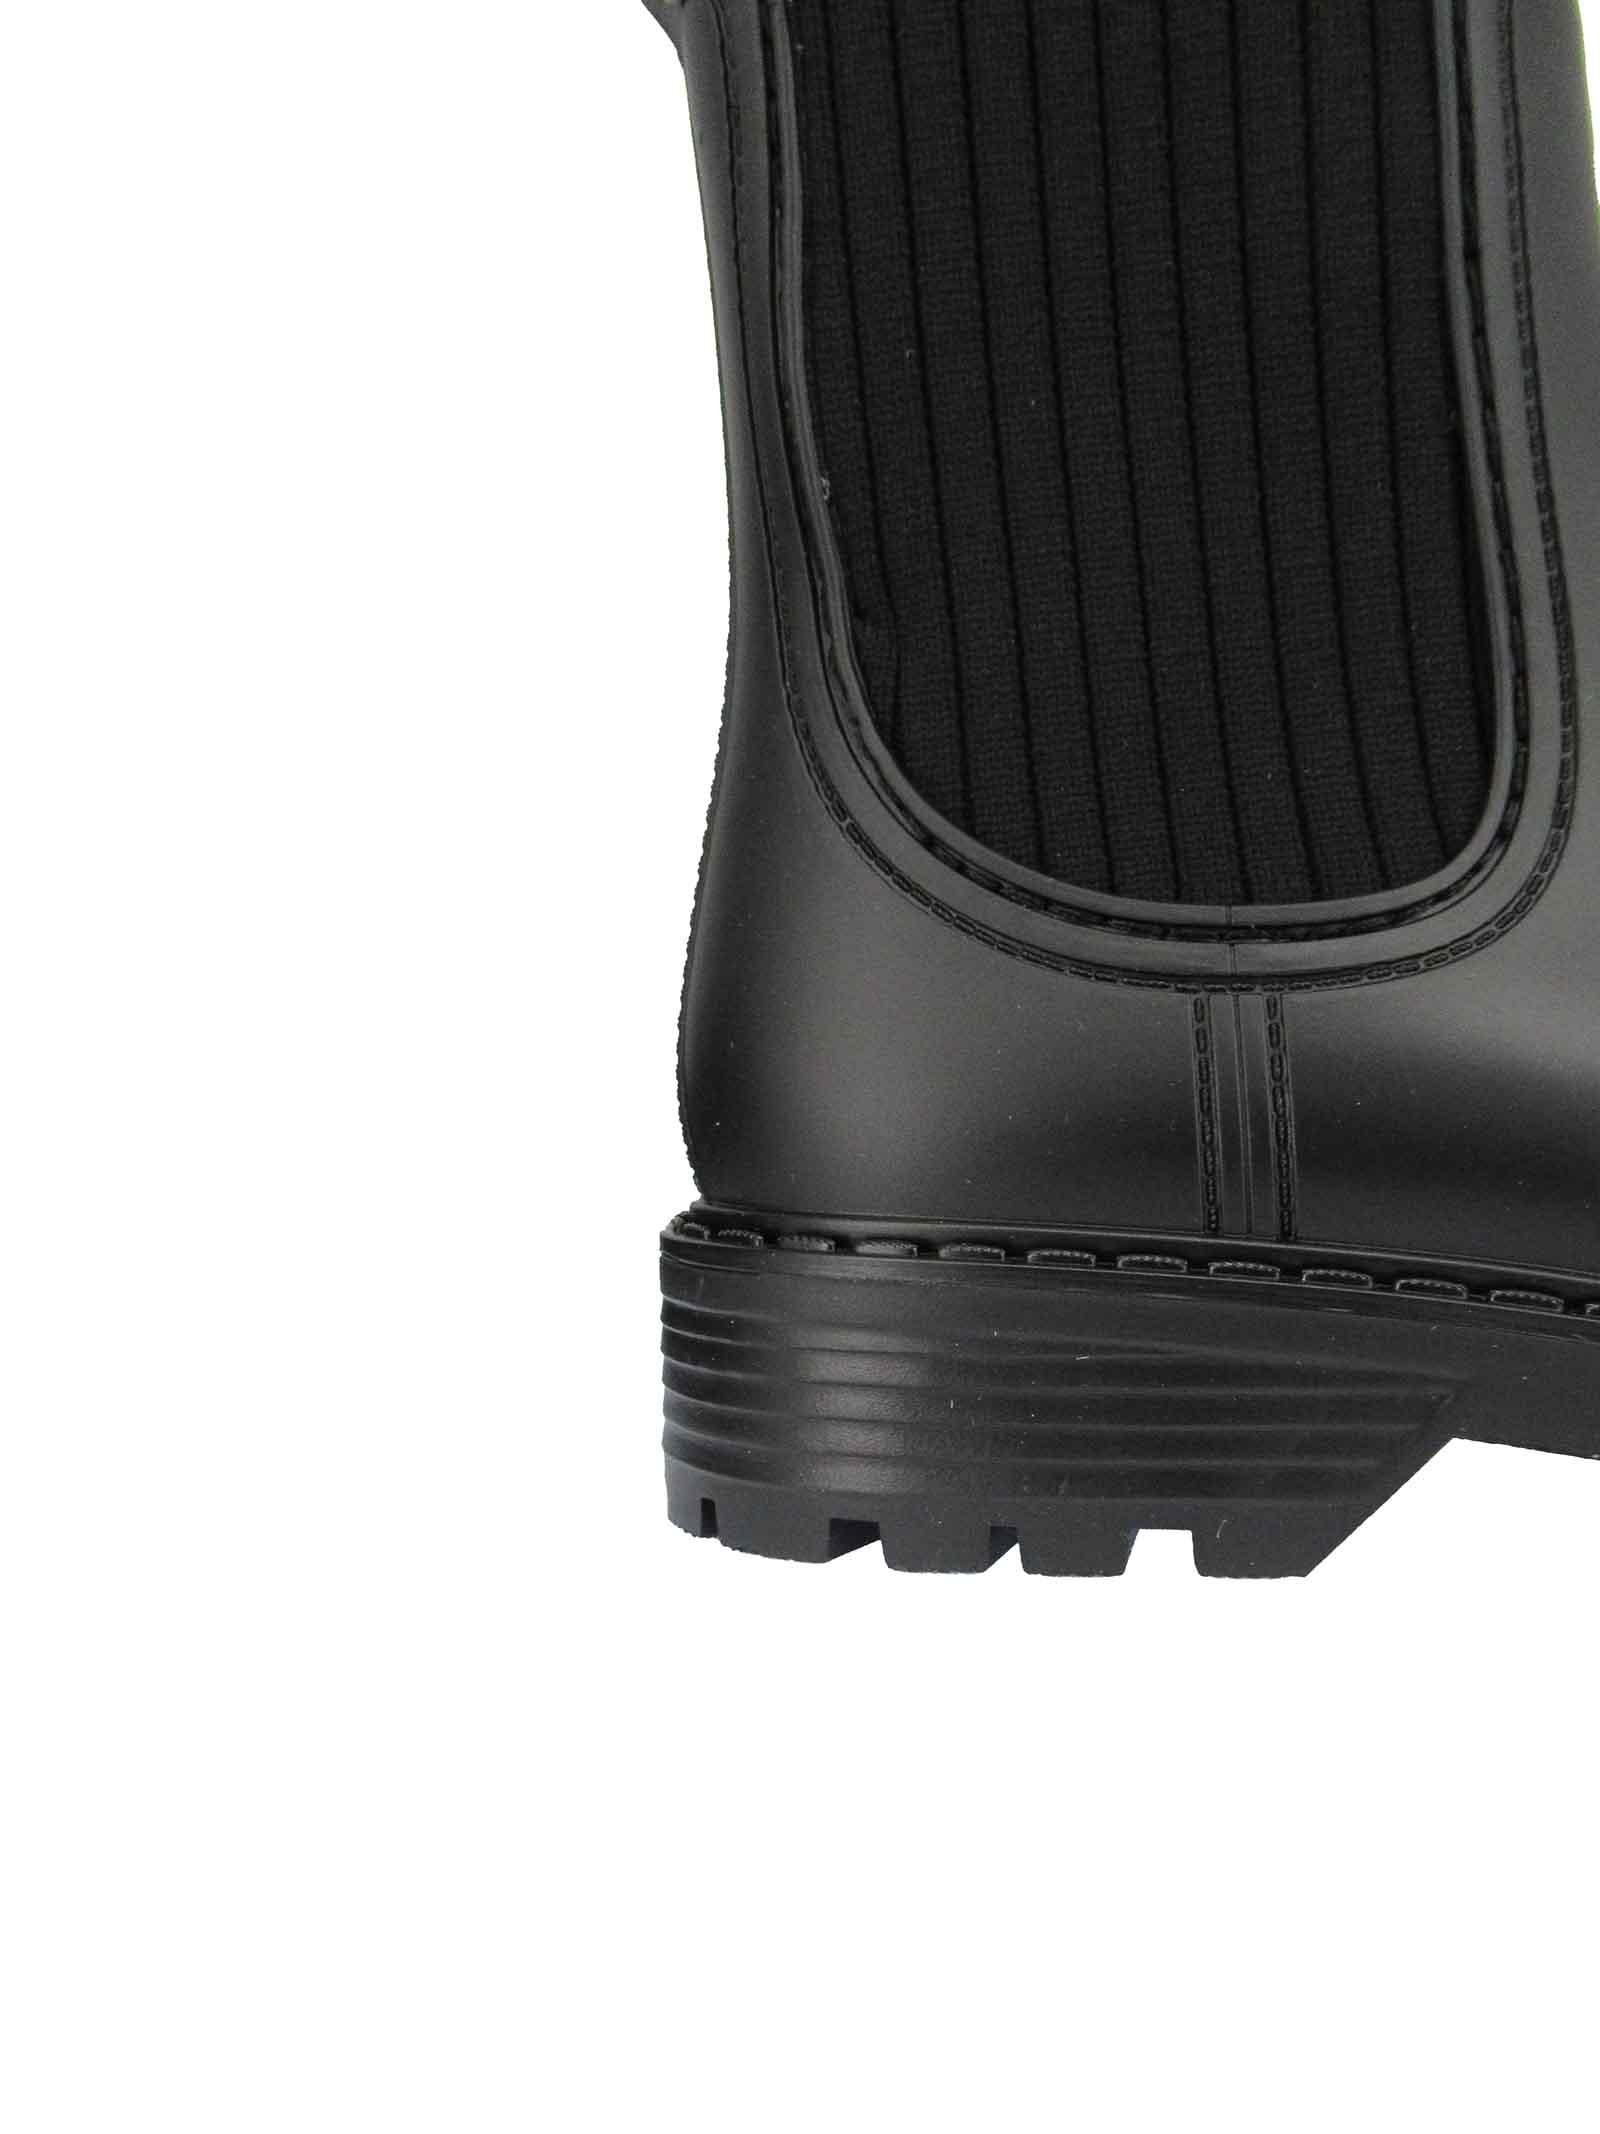 Calzature Donna Stivaletti Antipioggia in Pvc Nero con Tessuto Elasticizzato in Tinta Unisa   Stivaletti   AYNAR001